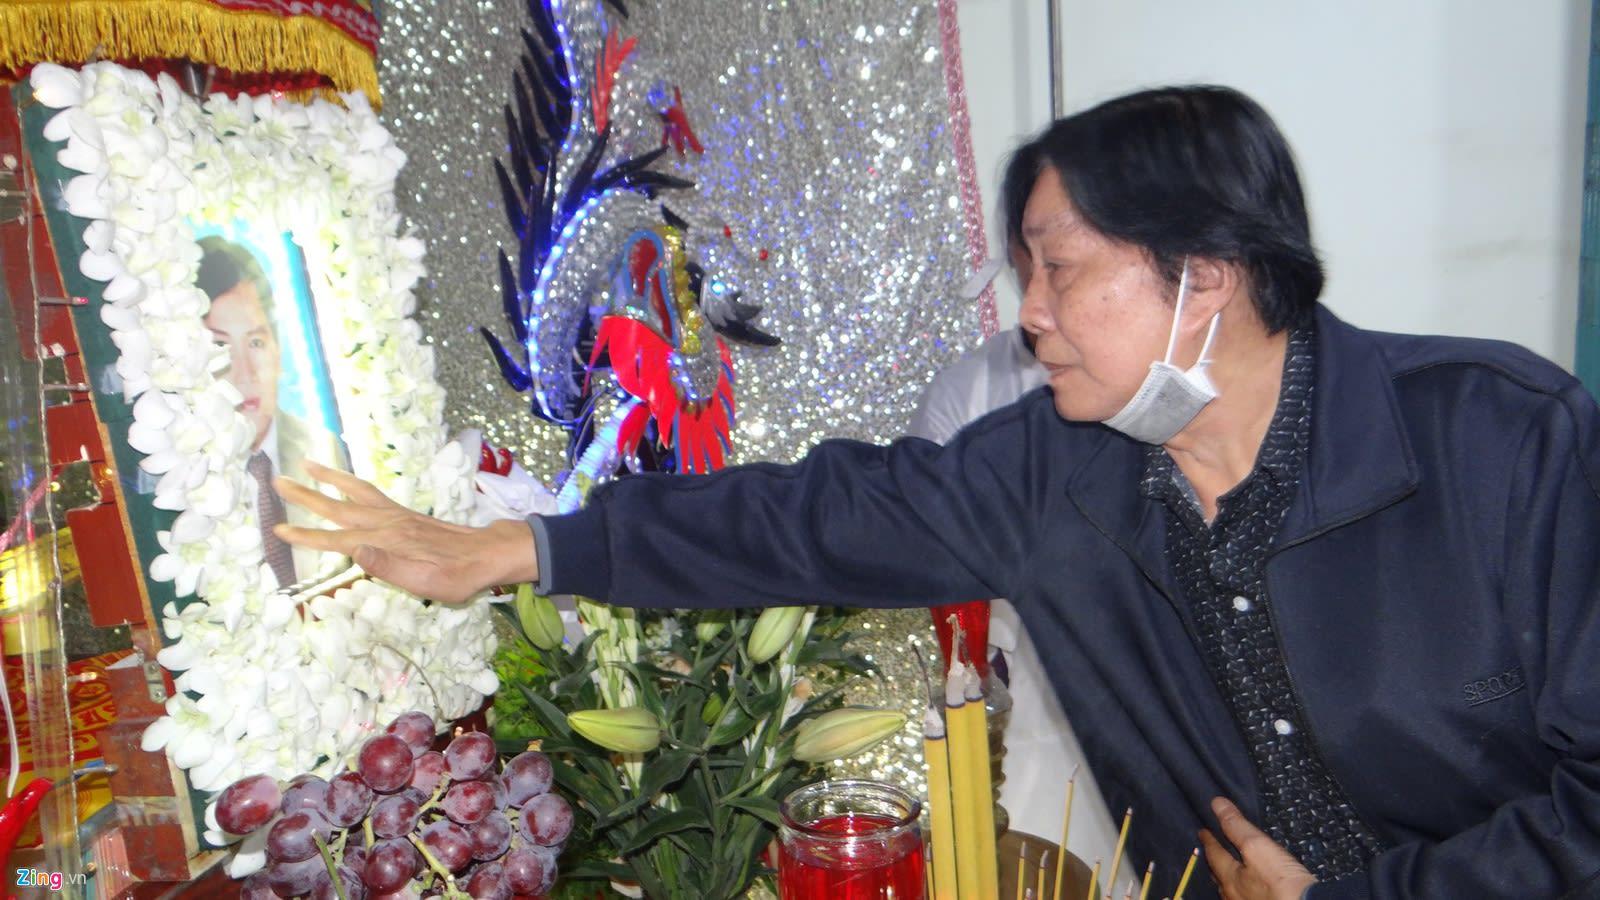 Thoai My, Tan Beo va nhieu nghe si cai luong den vieng NSUT Chieu Hung hinh anh 7